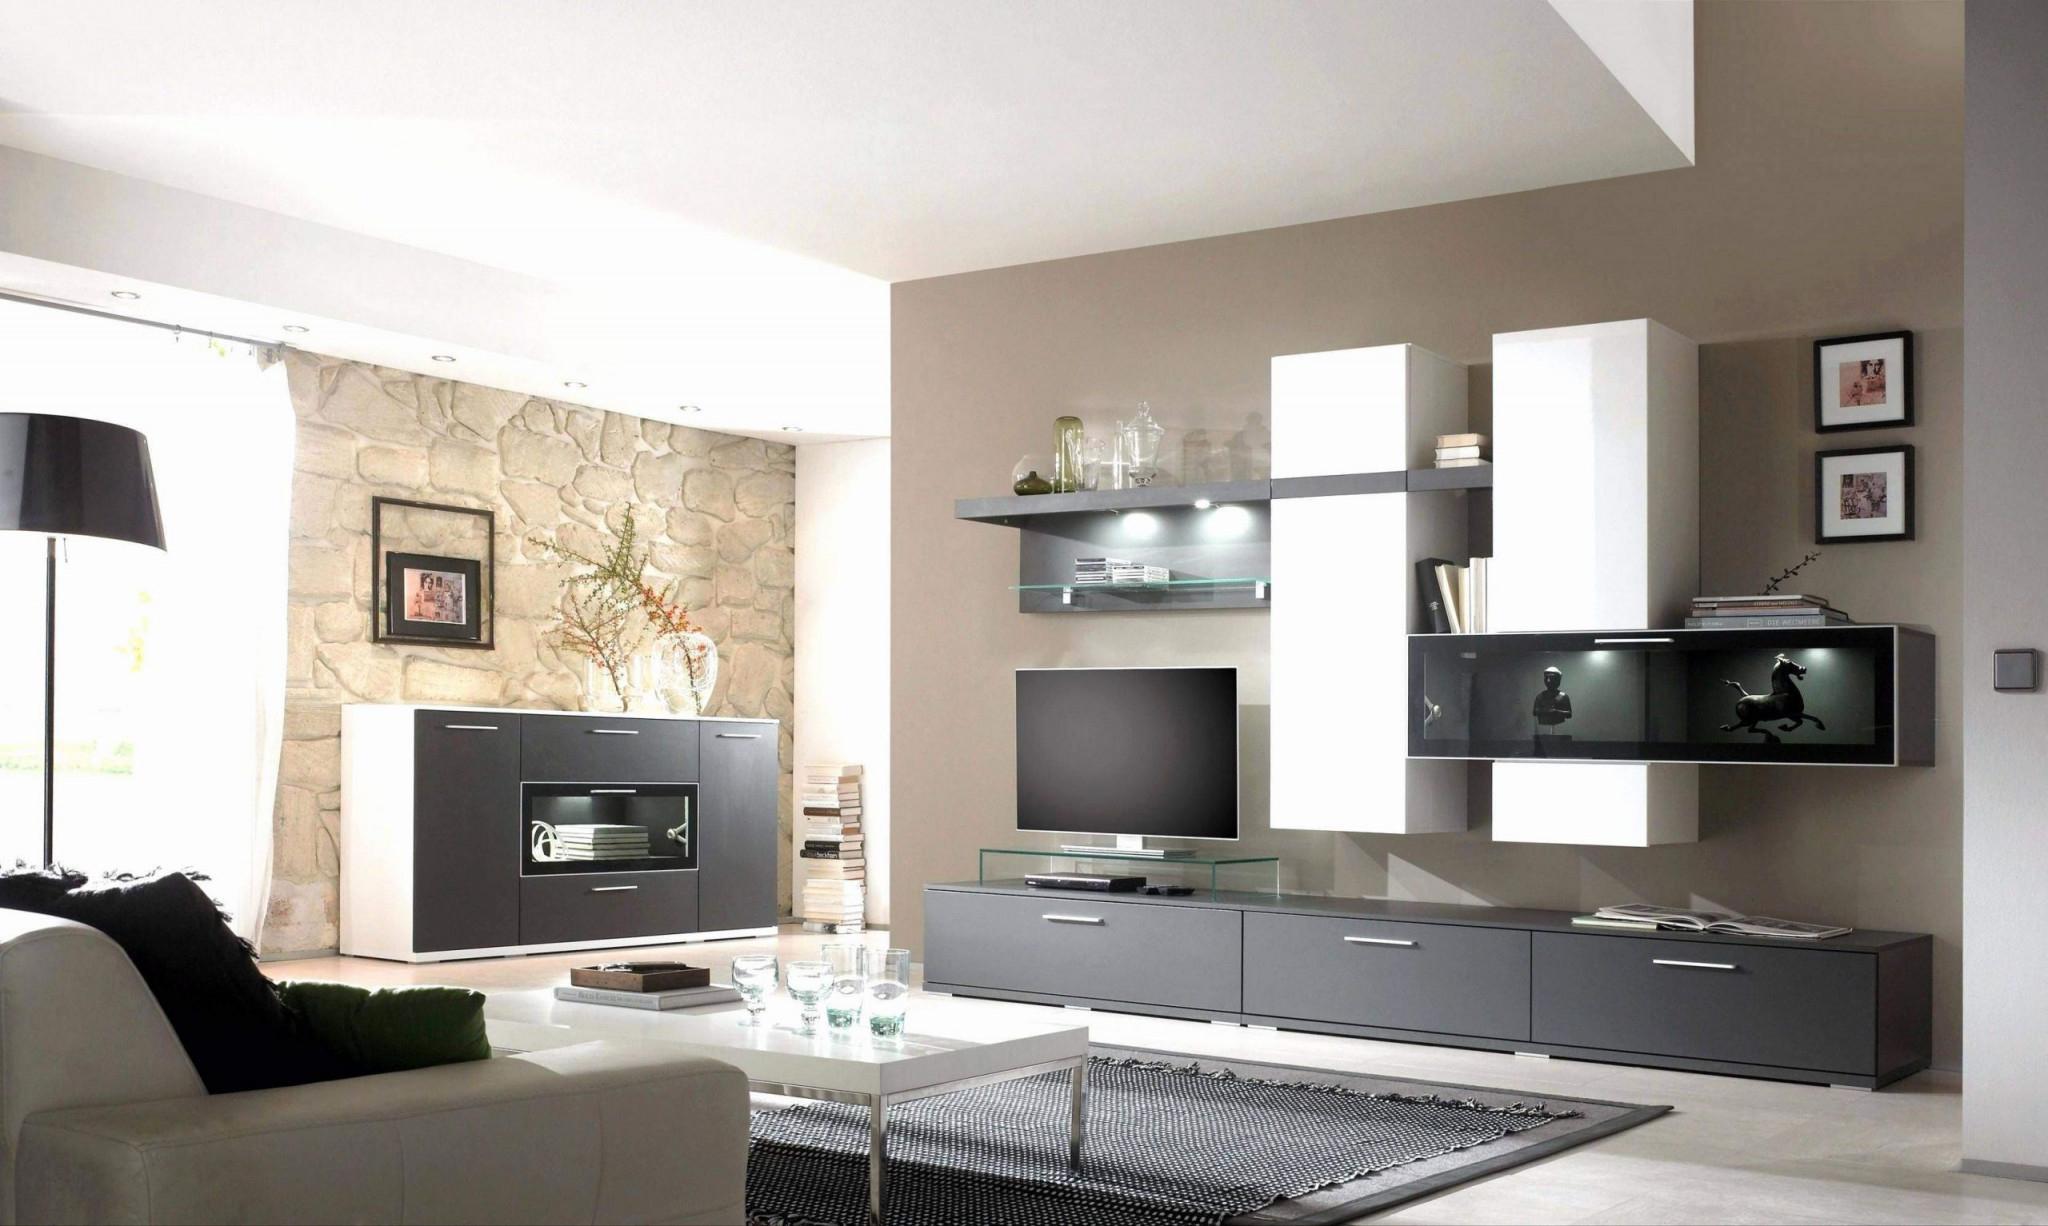 29 Inspirierend Wandfarbe Für Wohnzimmer Luxus  Wohnzimmer von Wohnzimmer Ideen Wandfarbe Photo